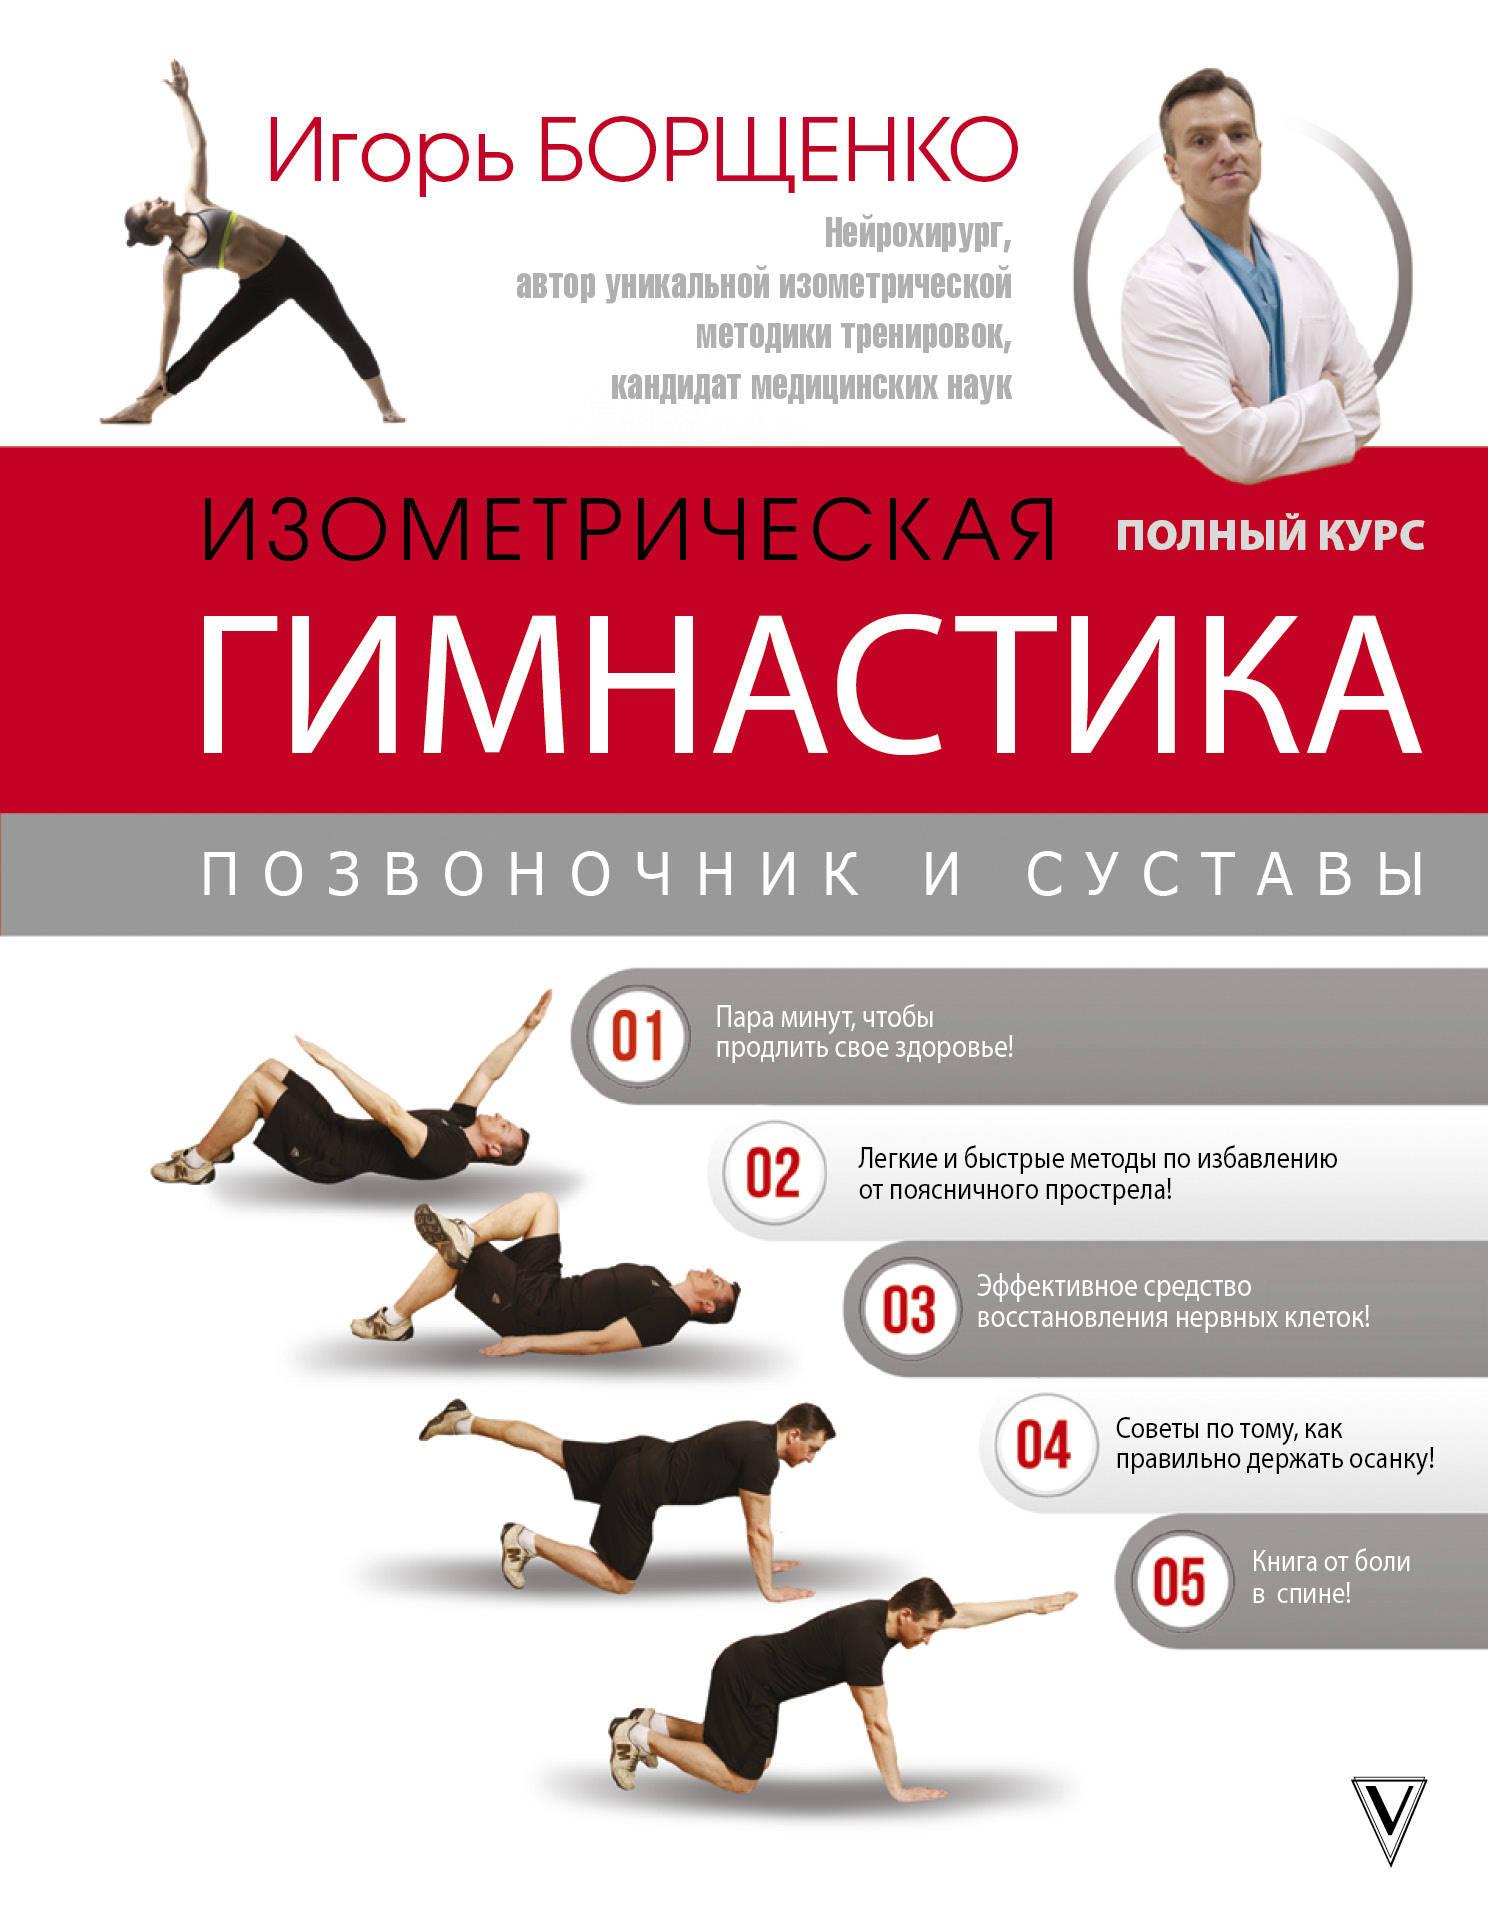 Изометрическая гимнастика доктора Борщенко. Полный курс! Игорь Борщенко